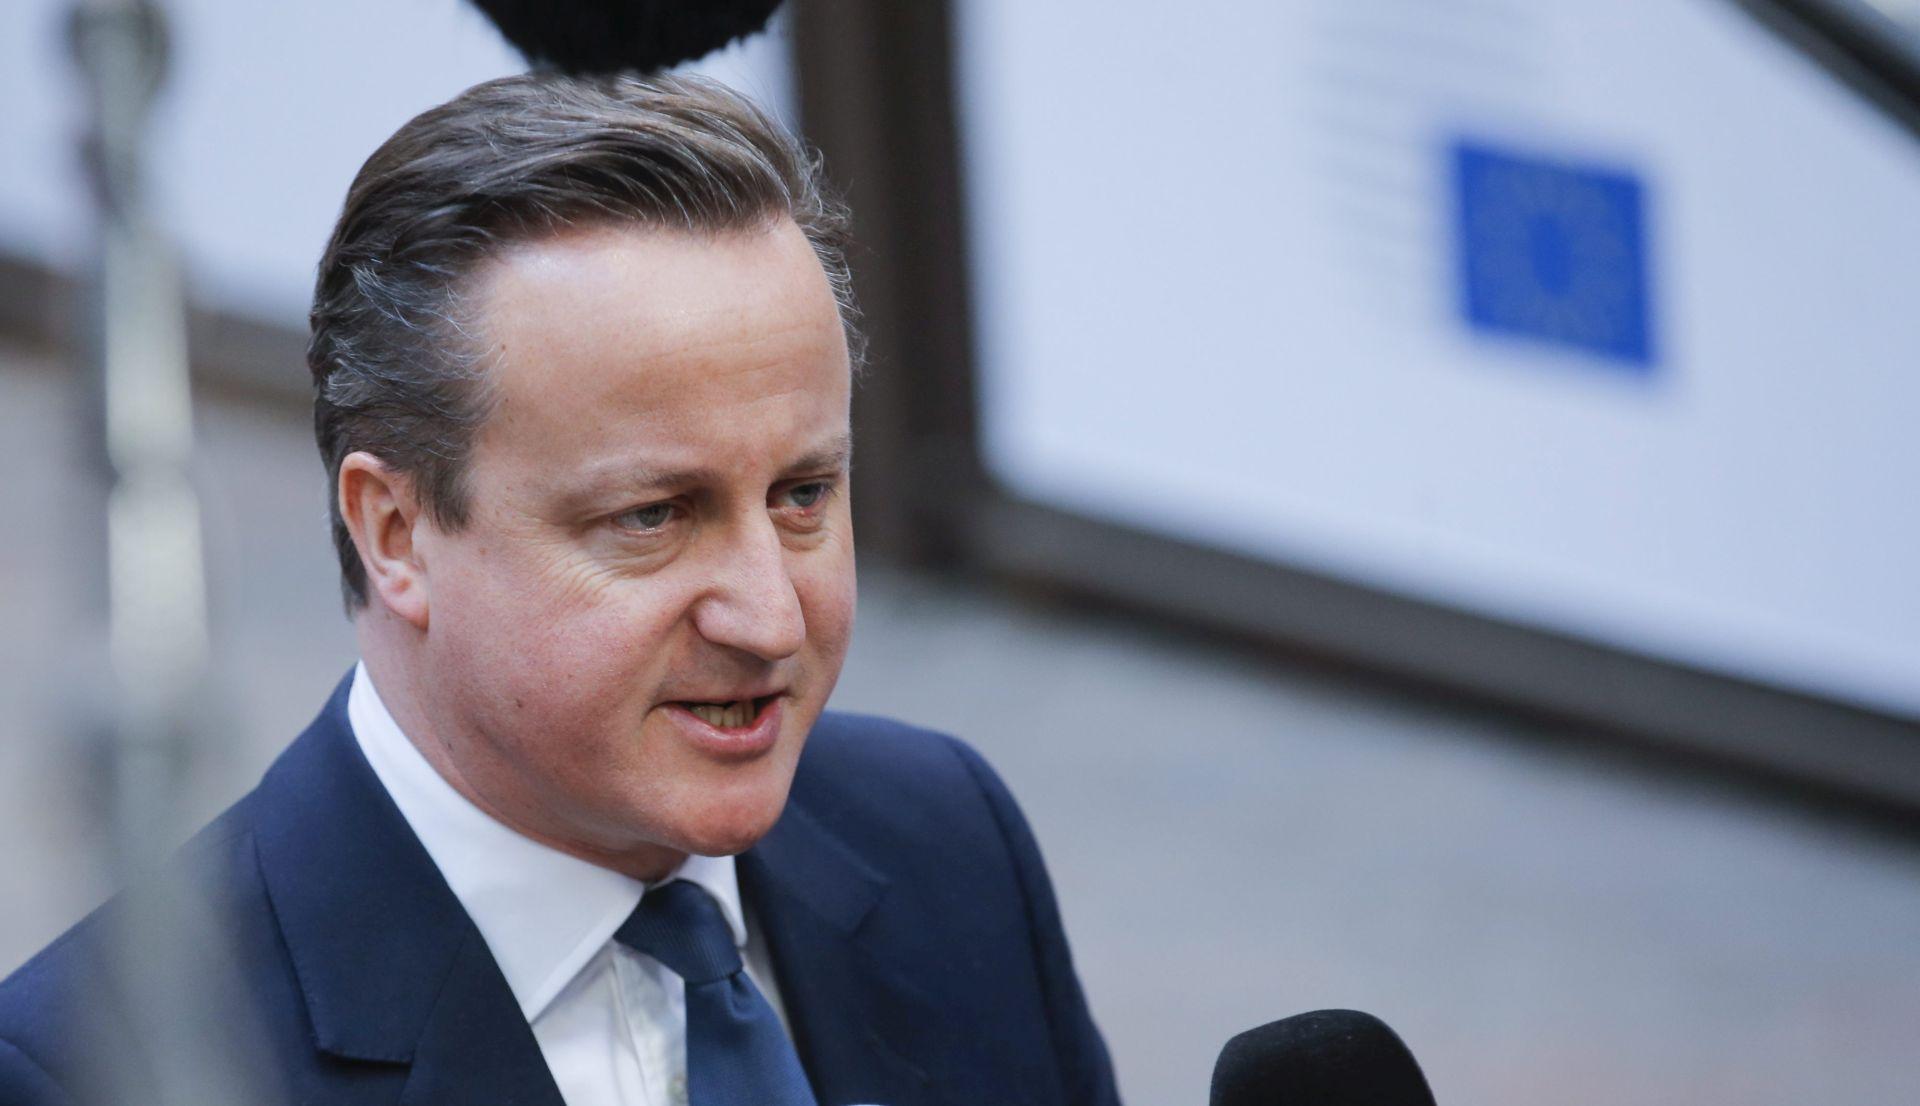 BURNO U VELIKOJ BRITANIJI Cameron upozorava na posljedice 'Brexita', funta pada